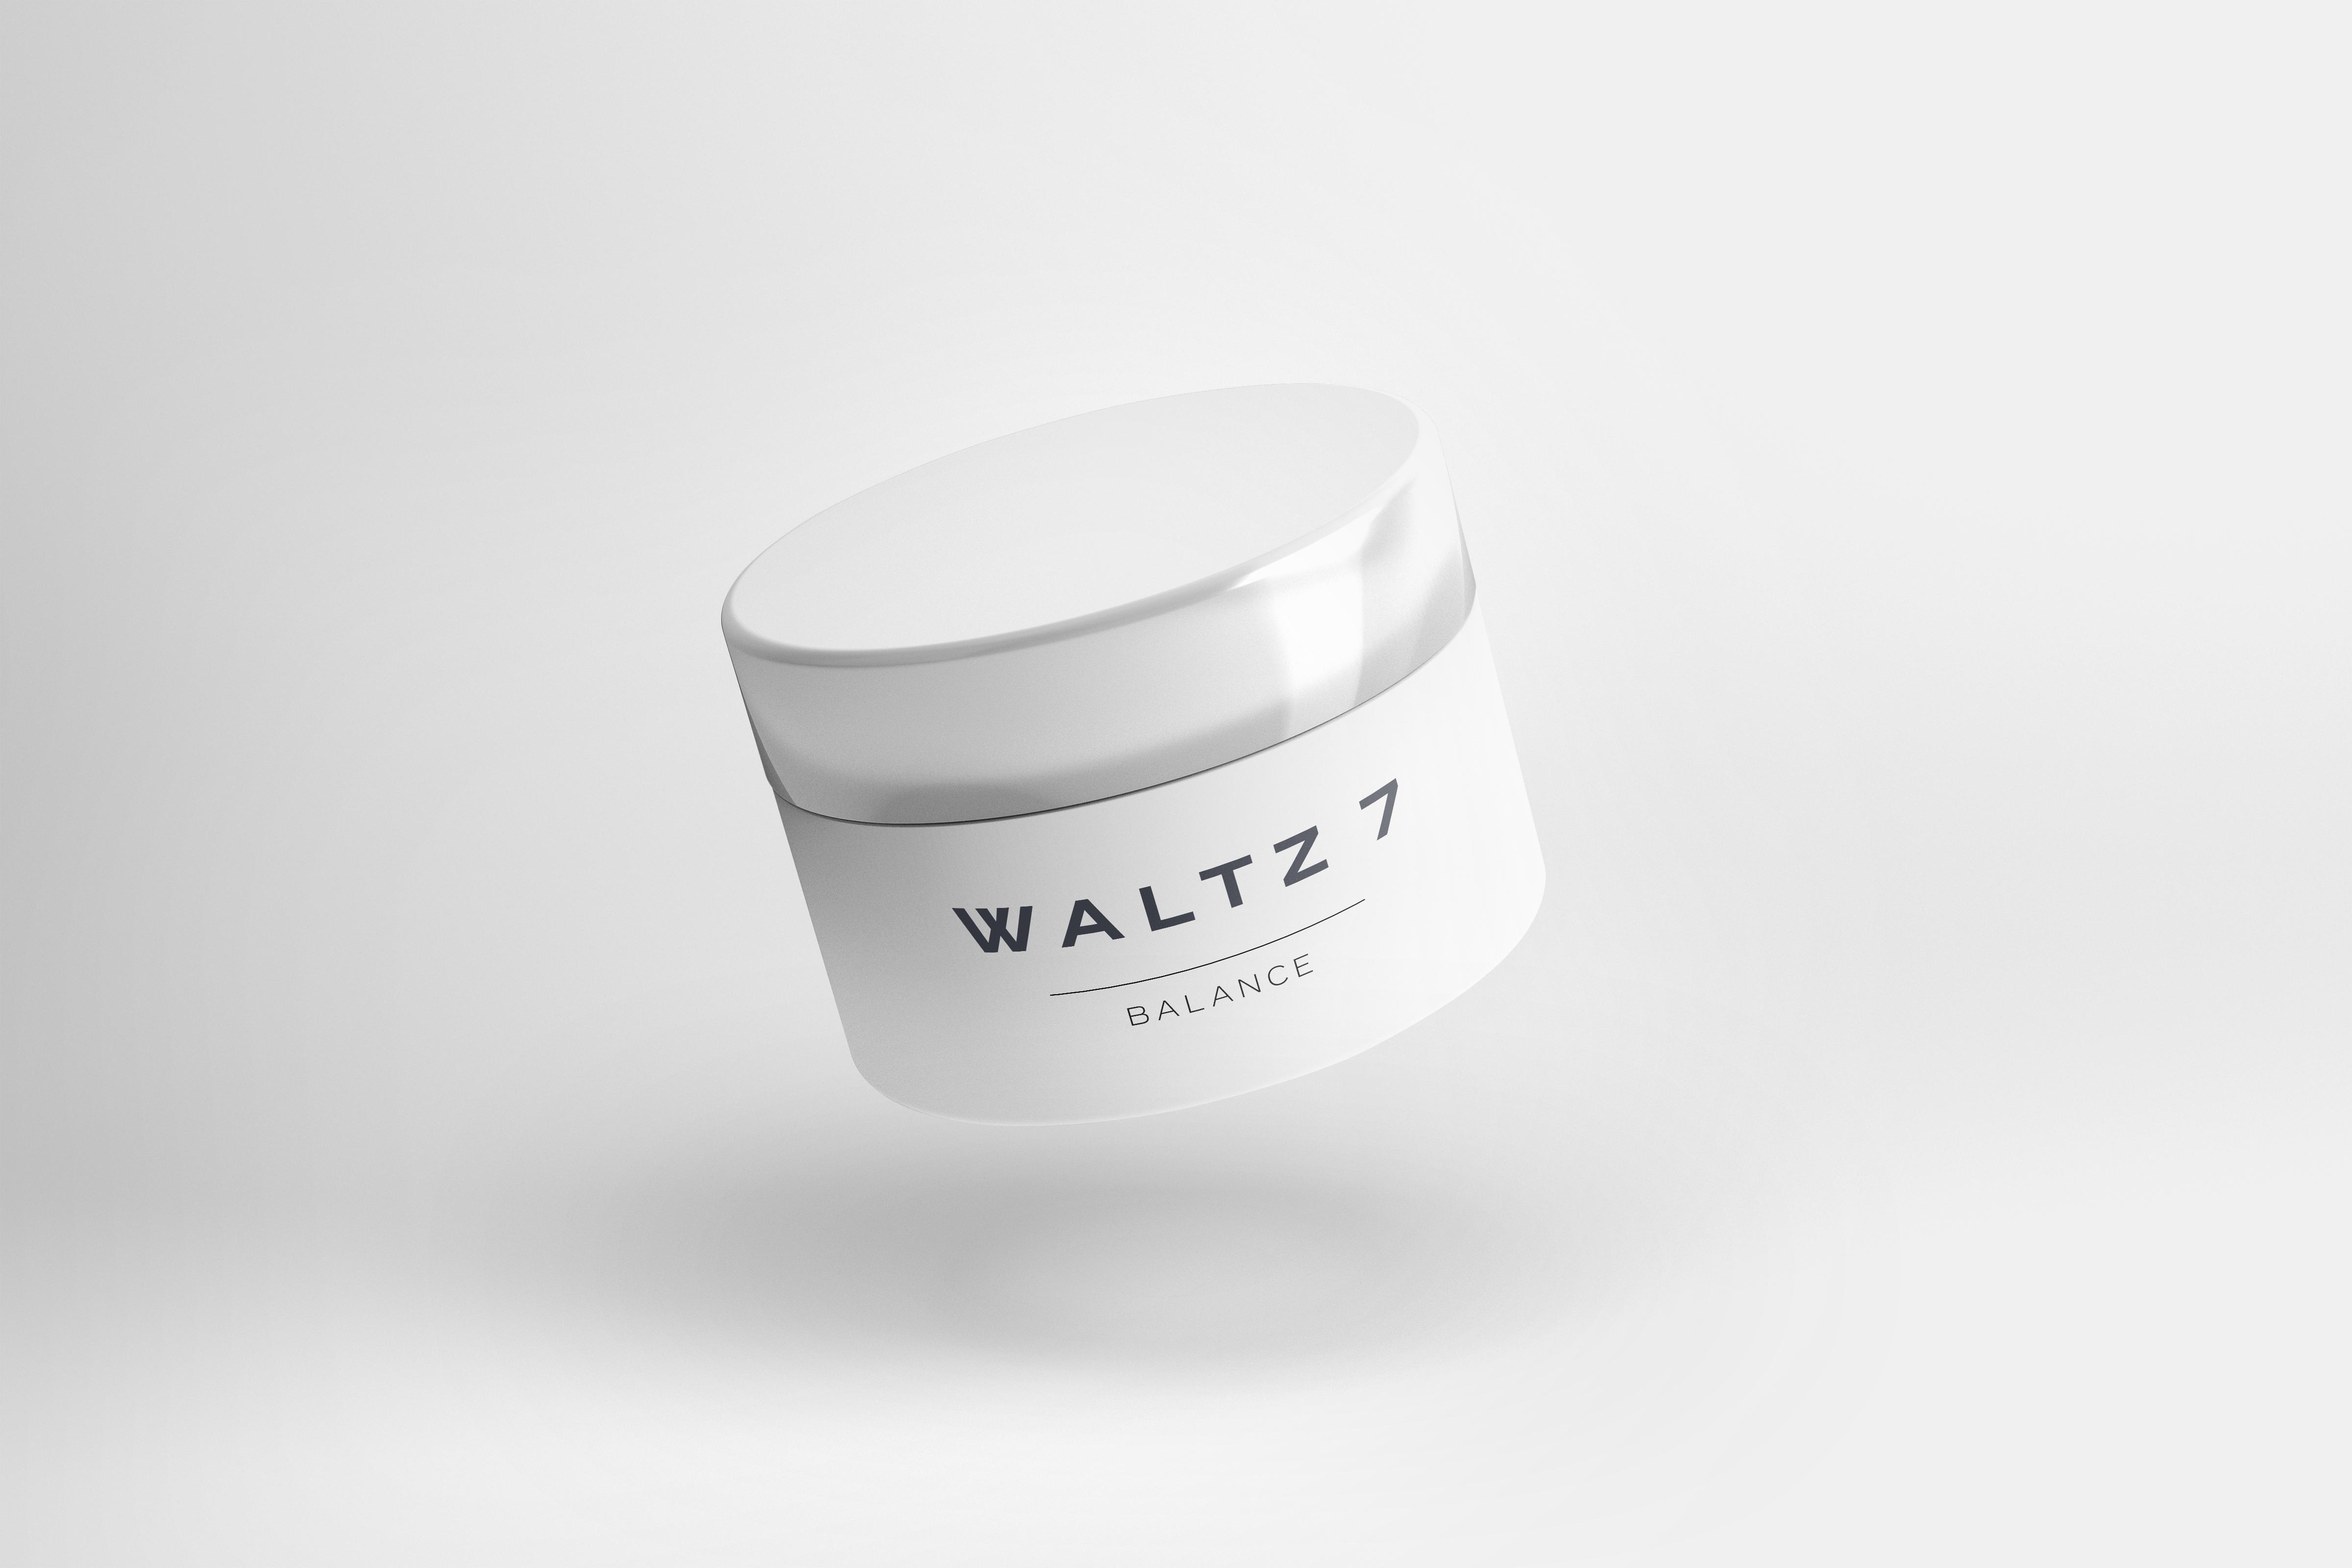 WALTZ7 verpackung